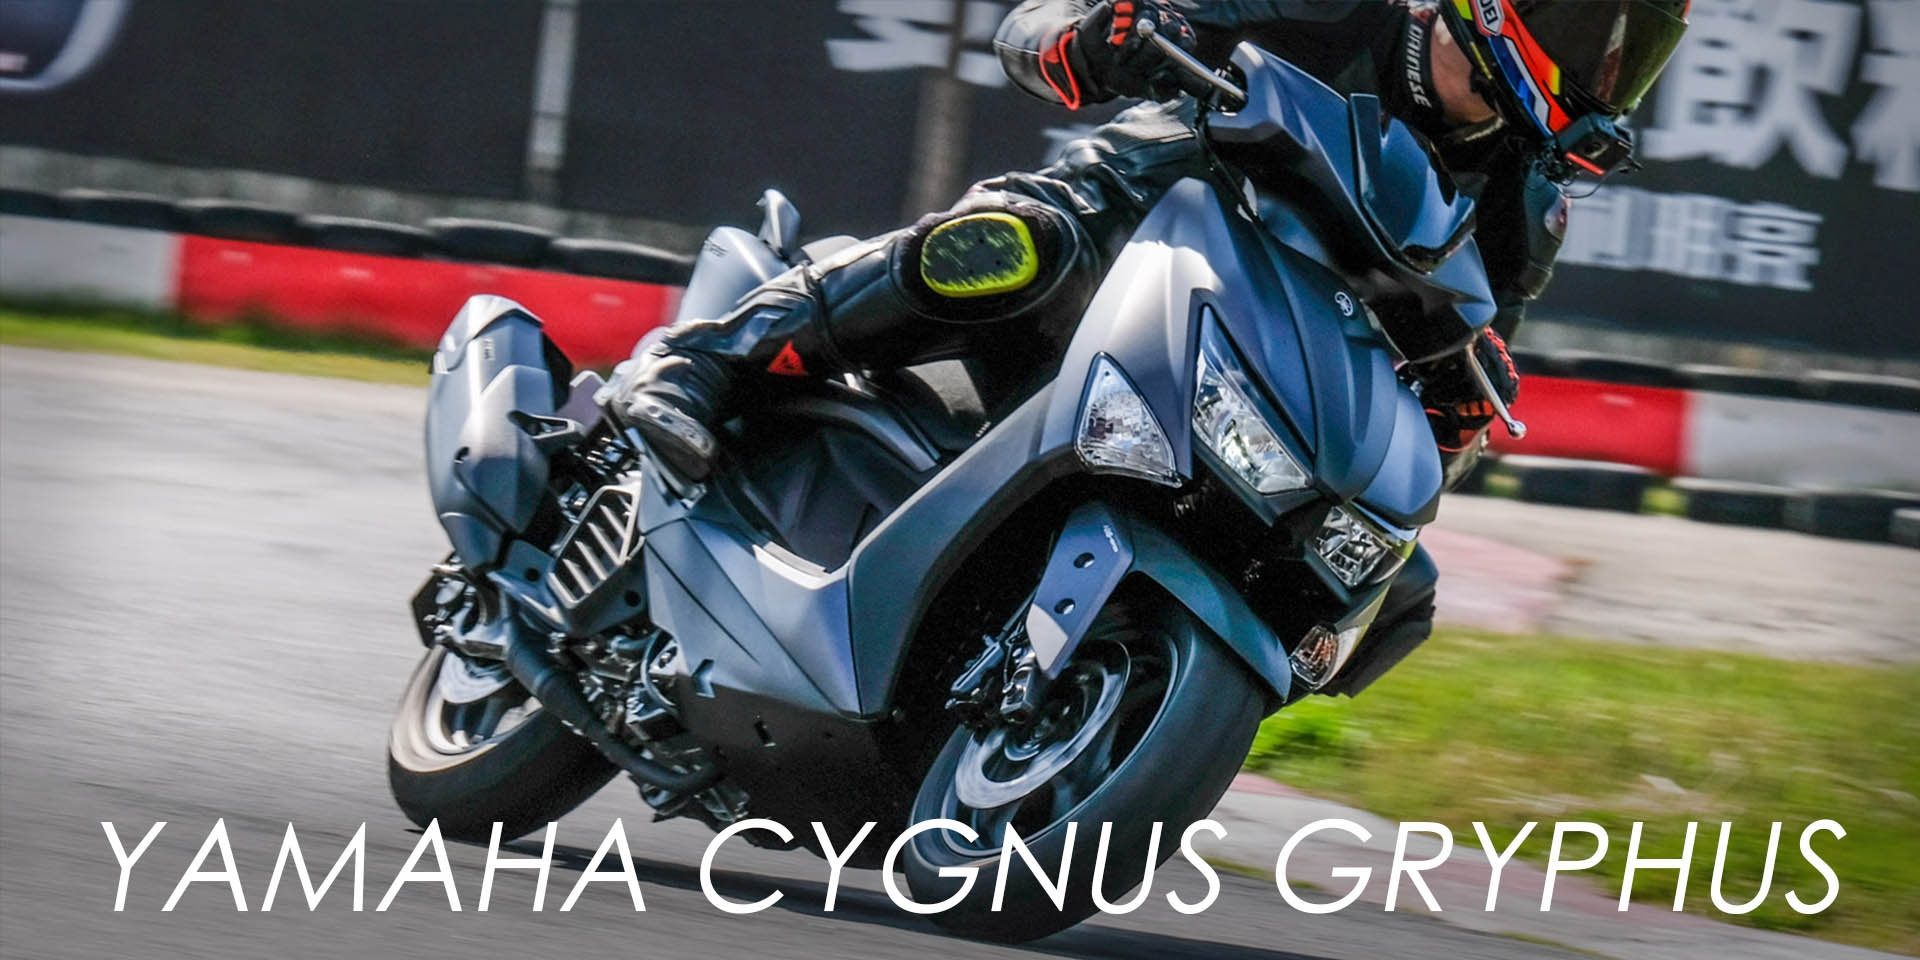 """為所欲為 靈活操控,動力""""順暢""""!YAMAHA六代勁戰Cygnus Gryphus試乘會"""